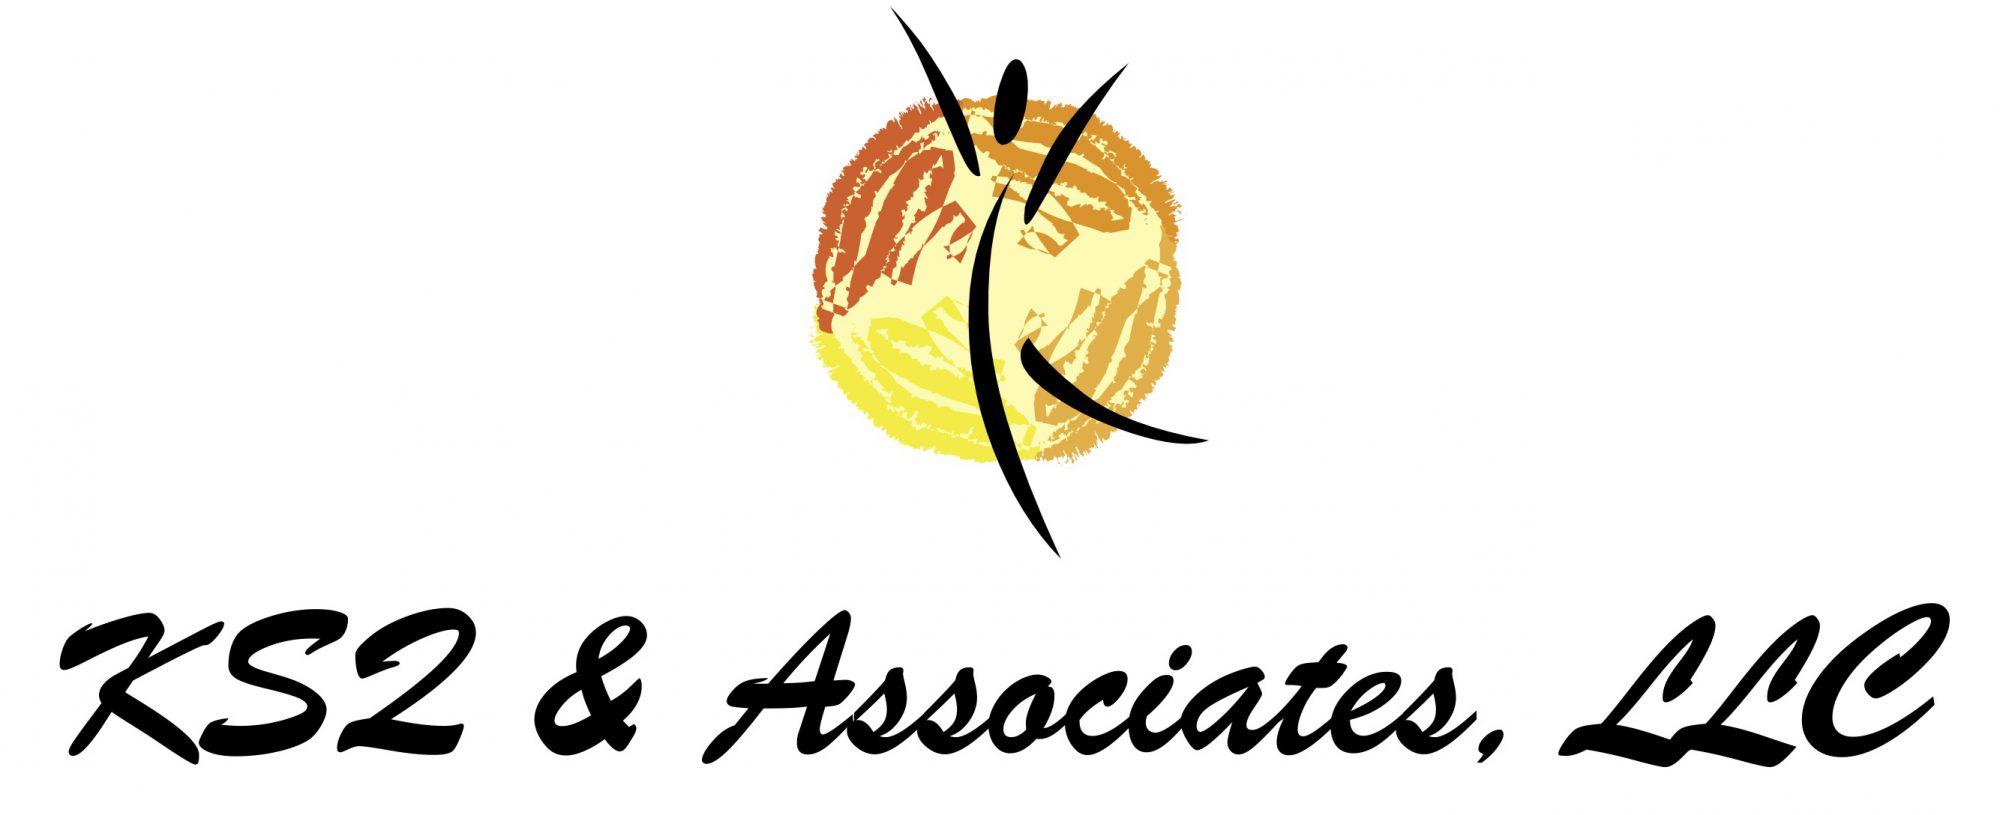 KSQ & Associates, LLC